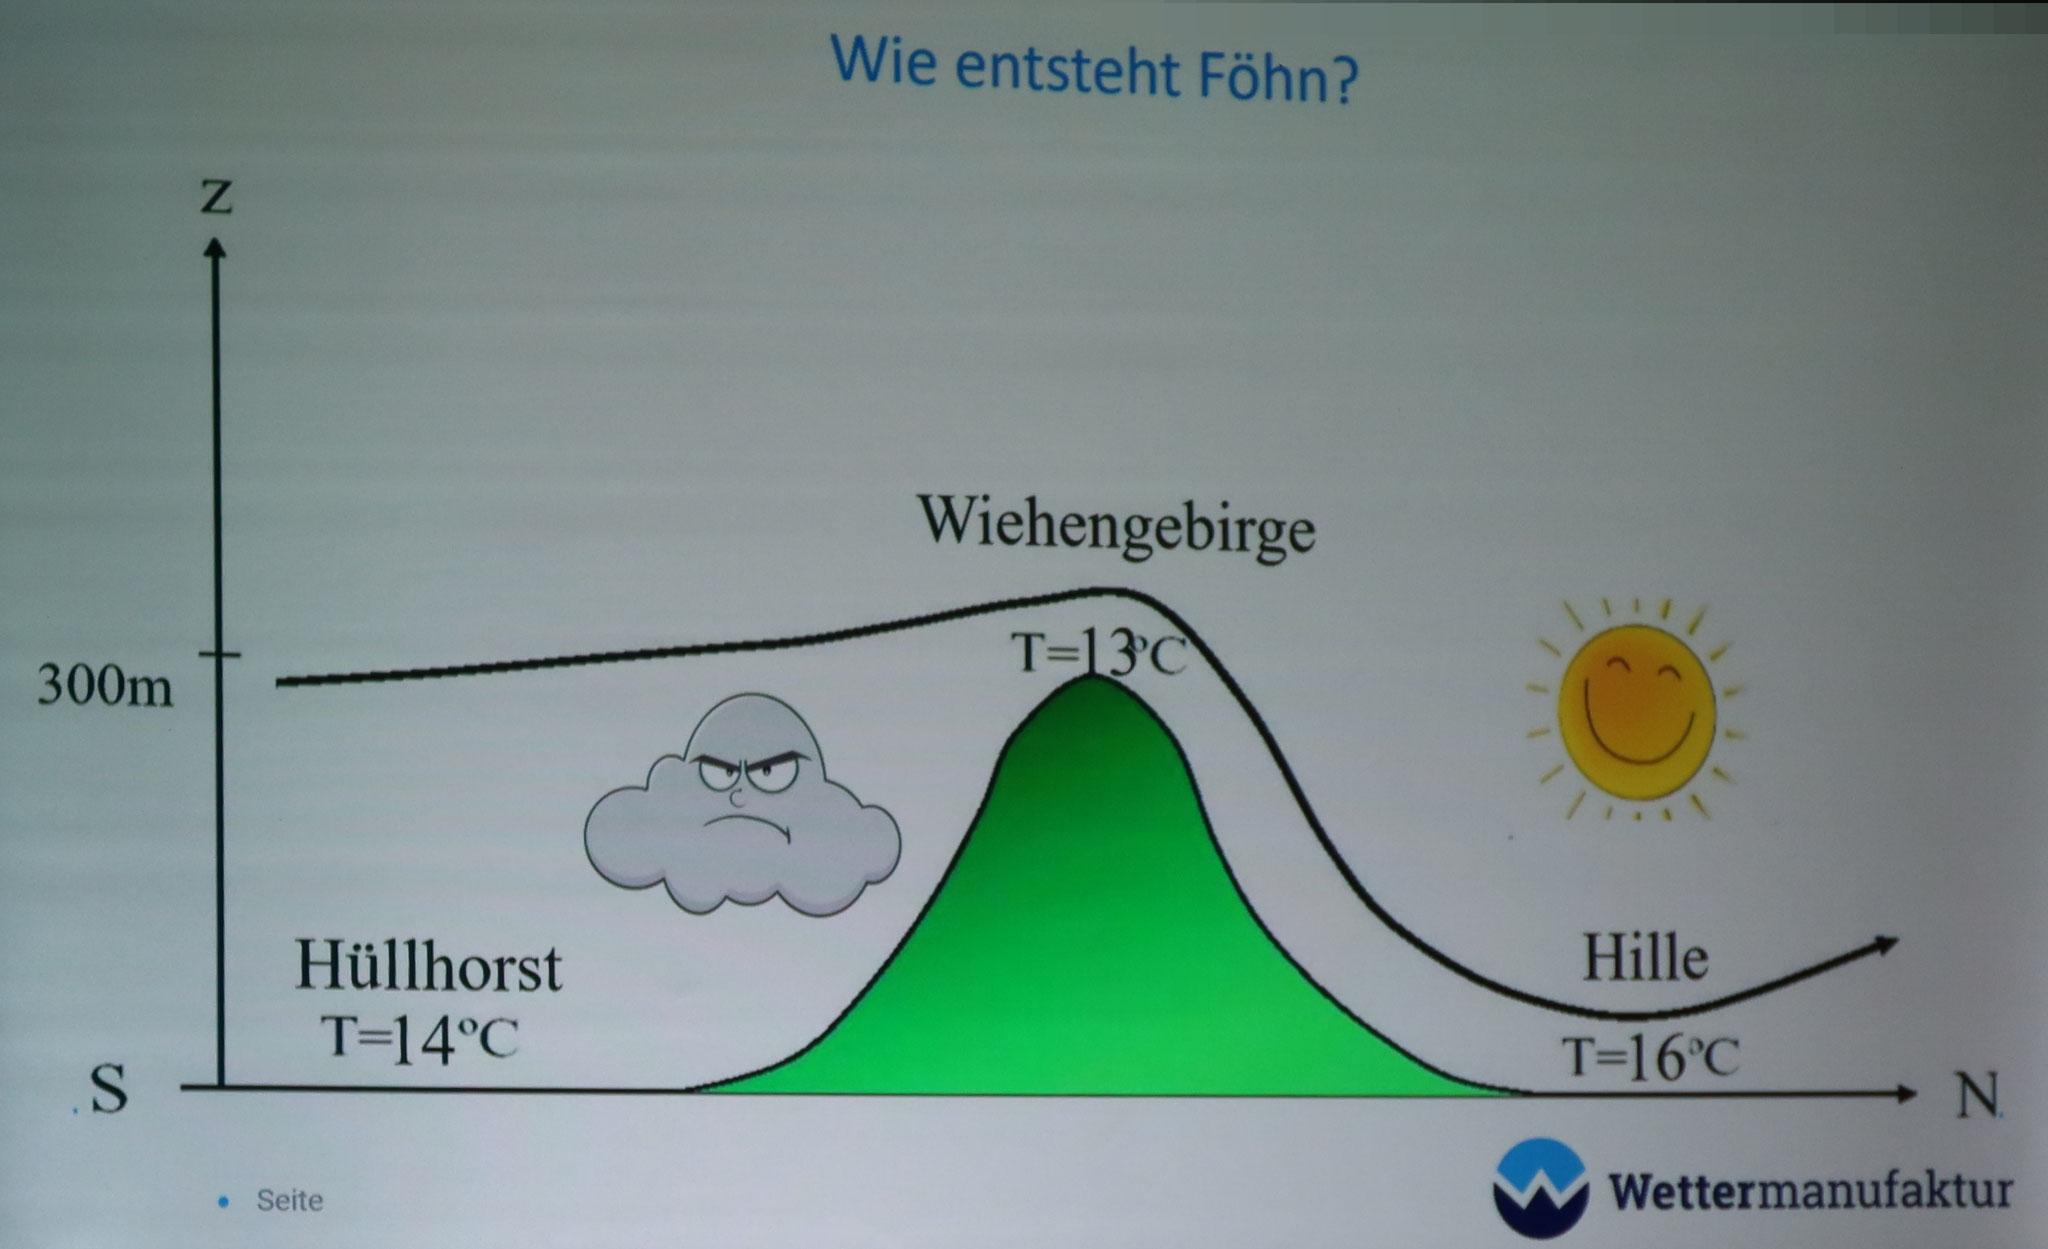 Grafik Föhn - Quelle: Wettermanufaktur